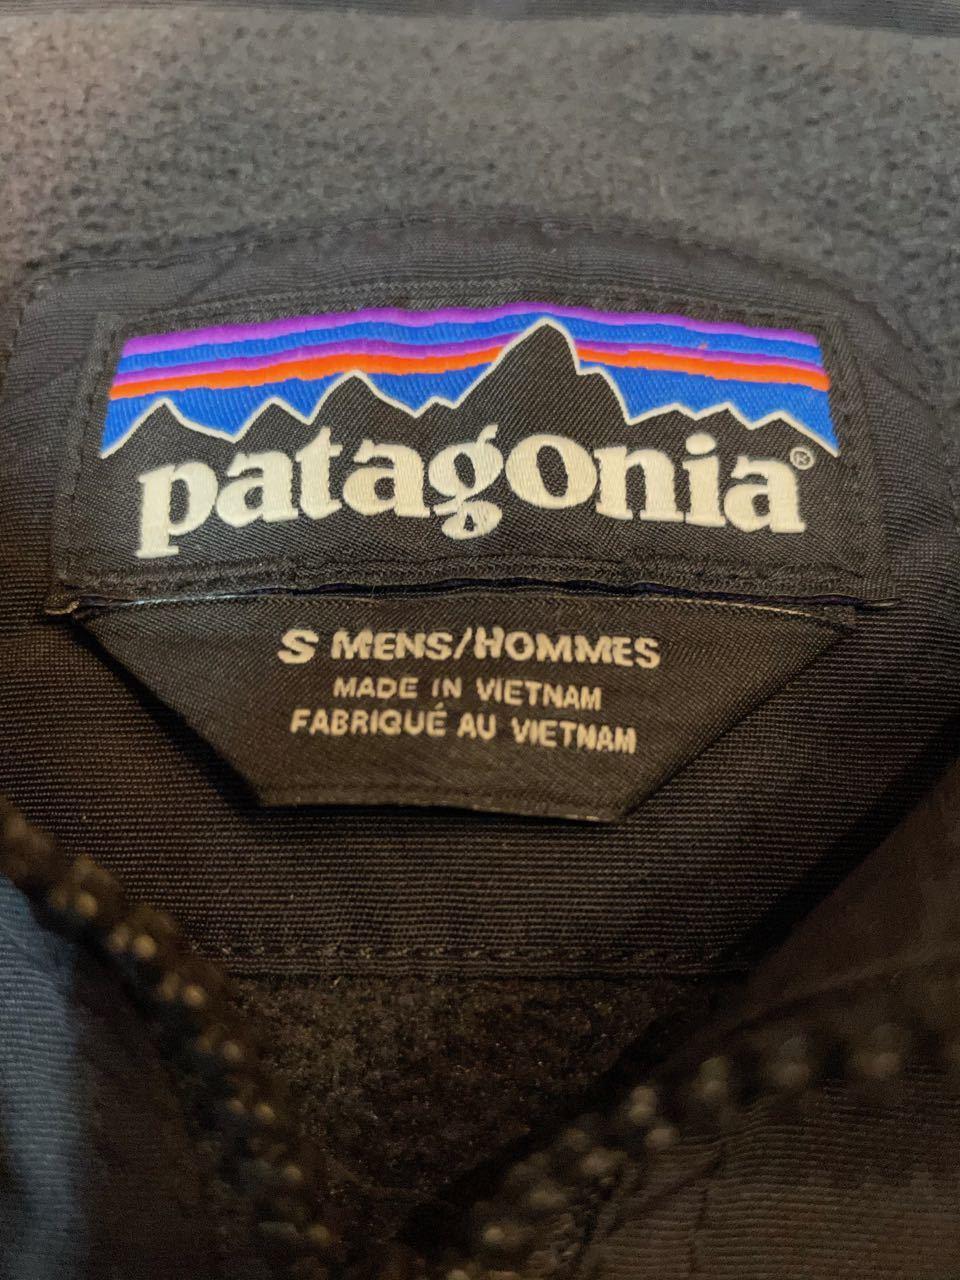 11月28日(土)入荷!PATAGONIA パタゴニア  NYLON ブラック シェルジャケット!_c0144020_14364569.jpg